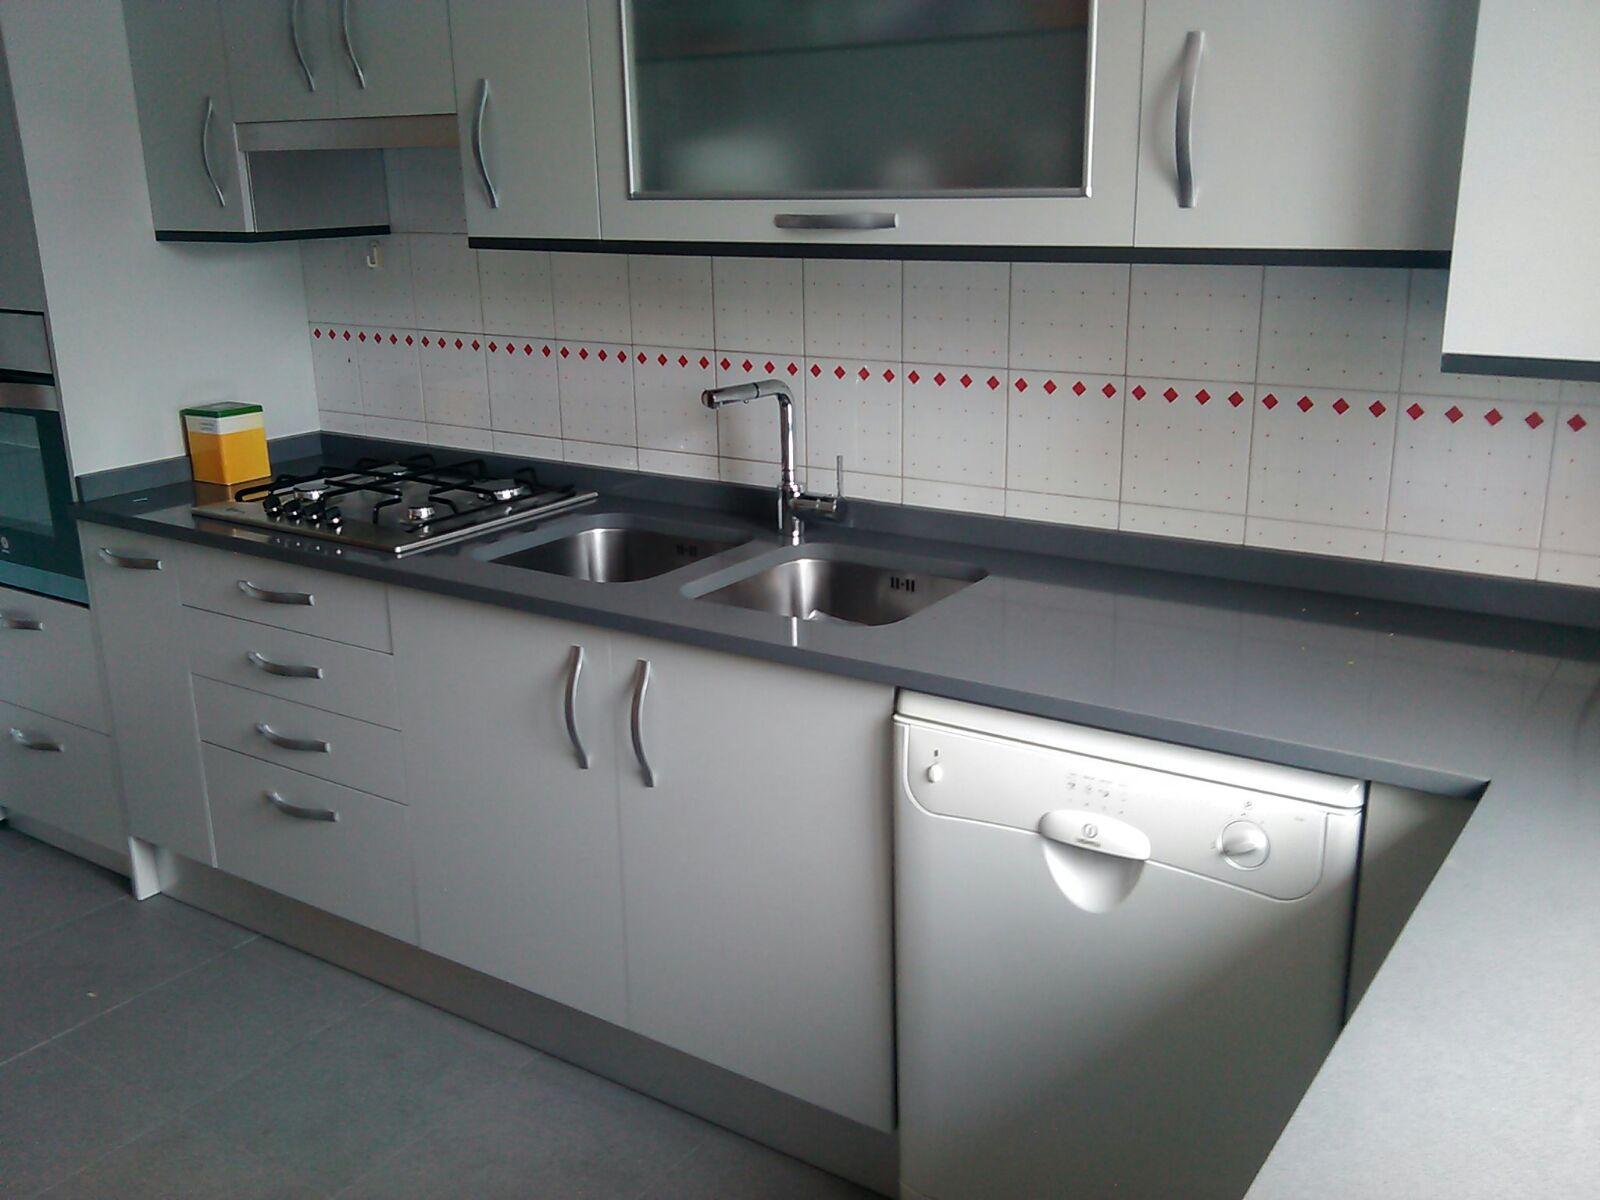 Remate encimera cocina great trendy laminado crema mate - Remates de muebles de cocina ...